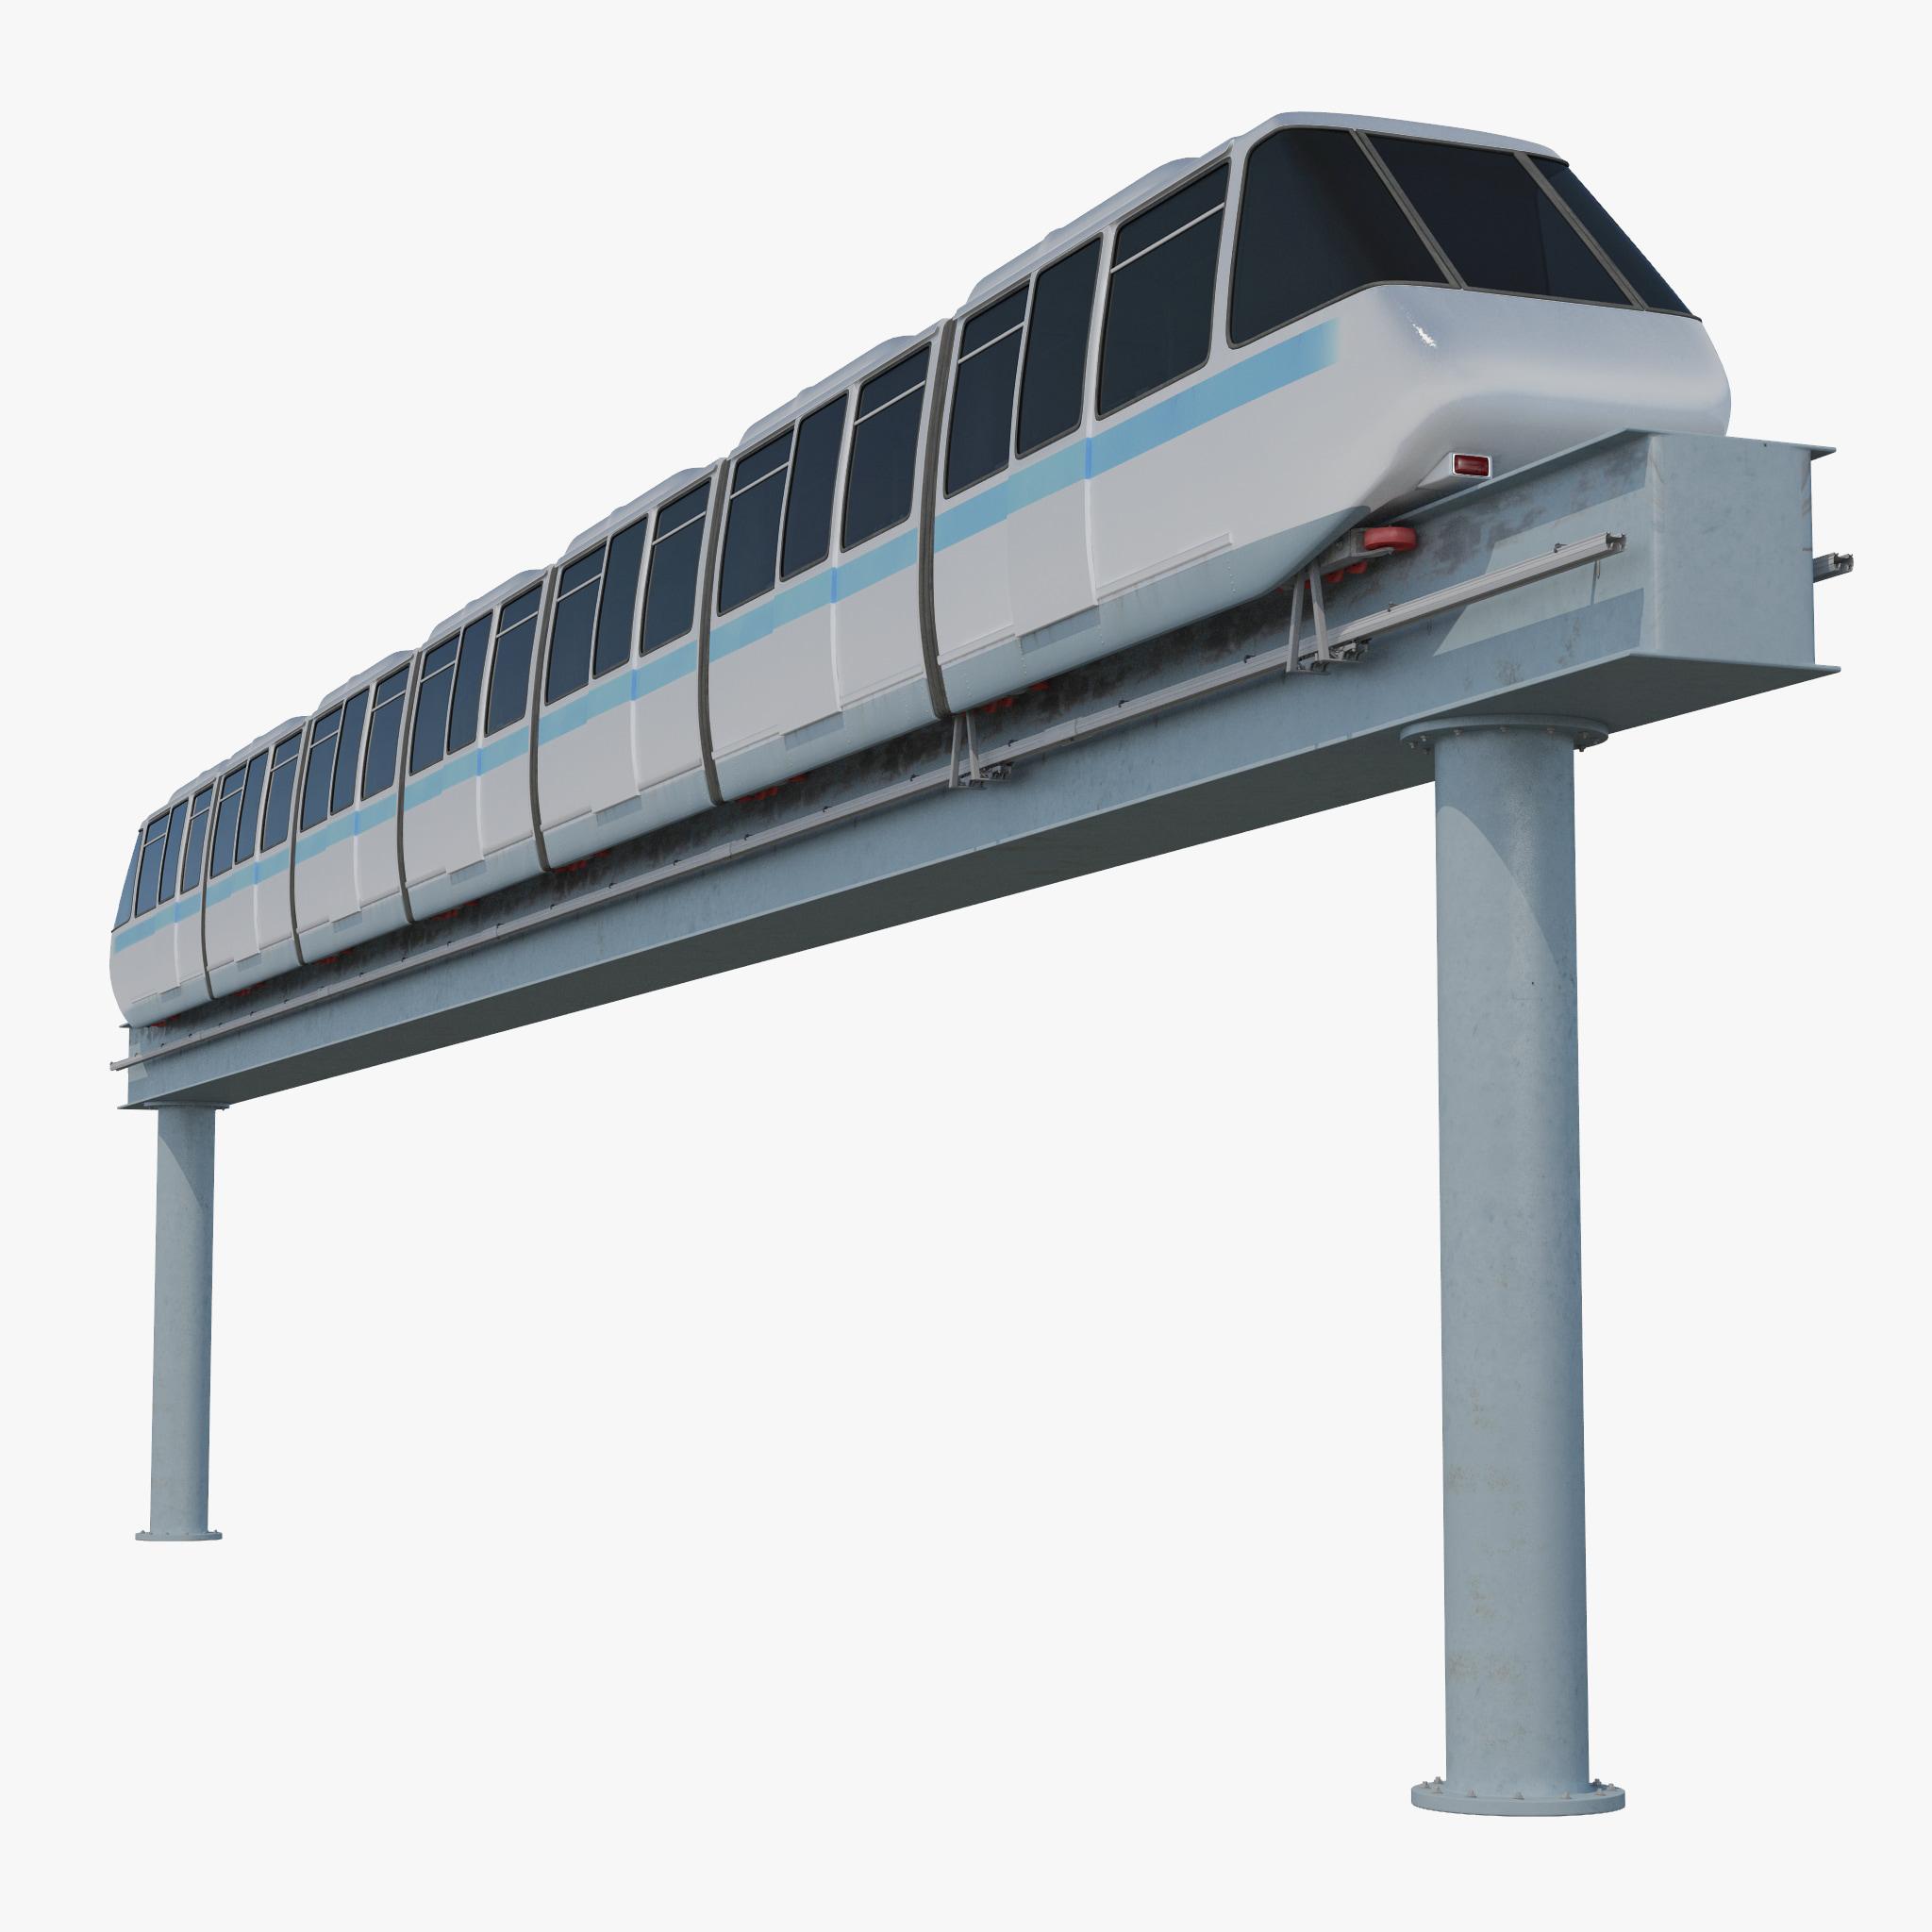 Monorail___0000.jpg